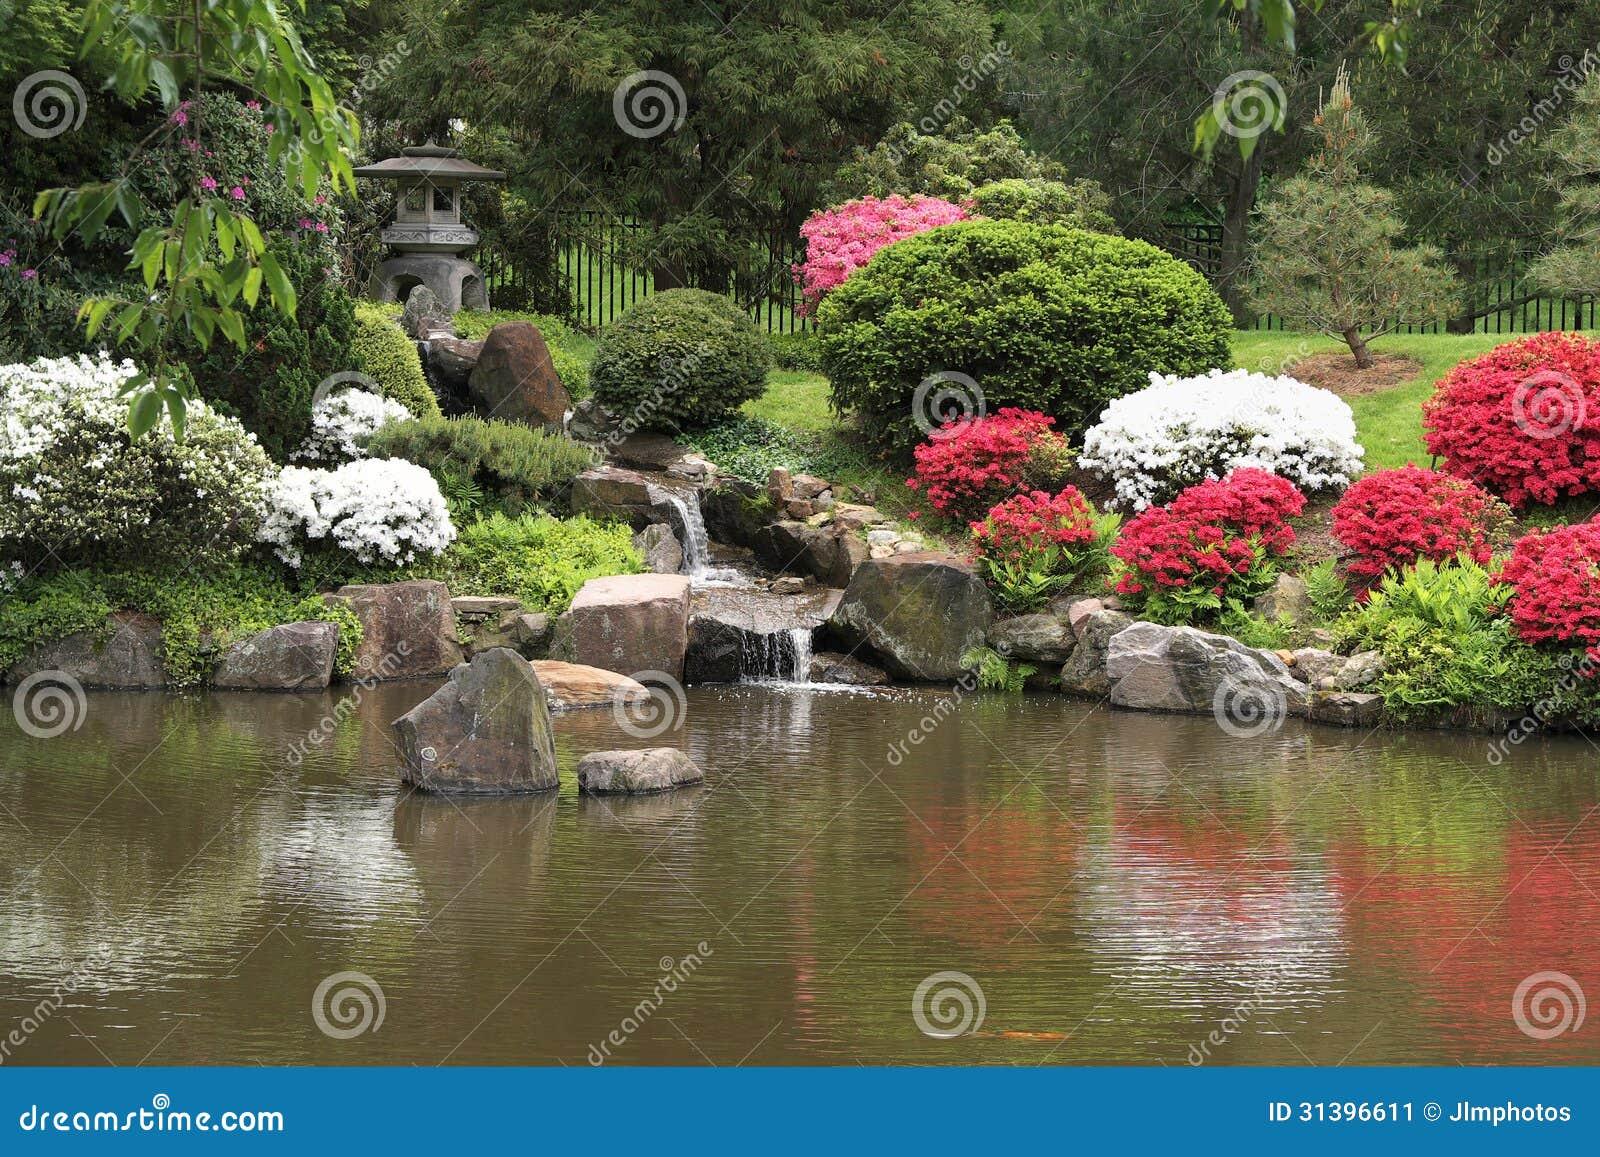 Fontaine De Jardin Fait Maison ~ Frdesigner.co